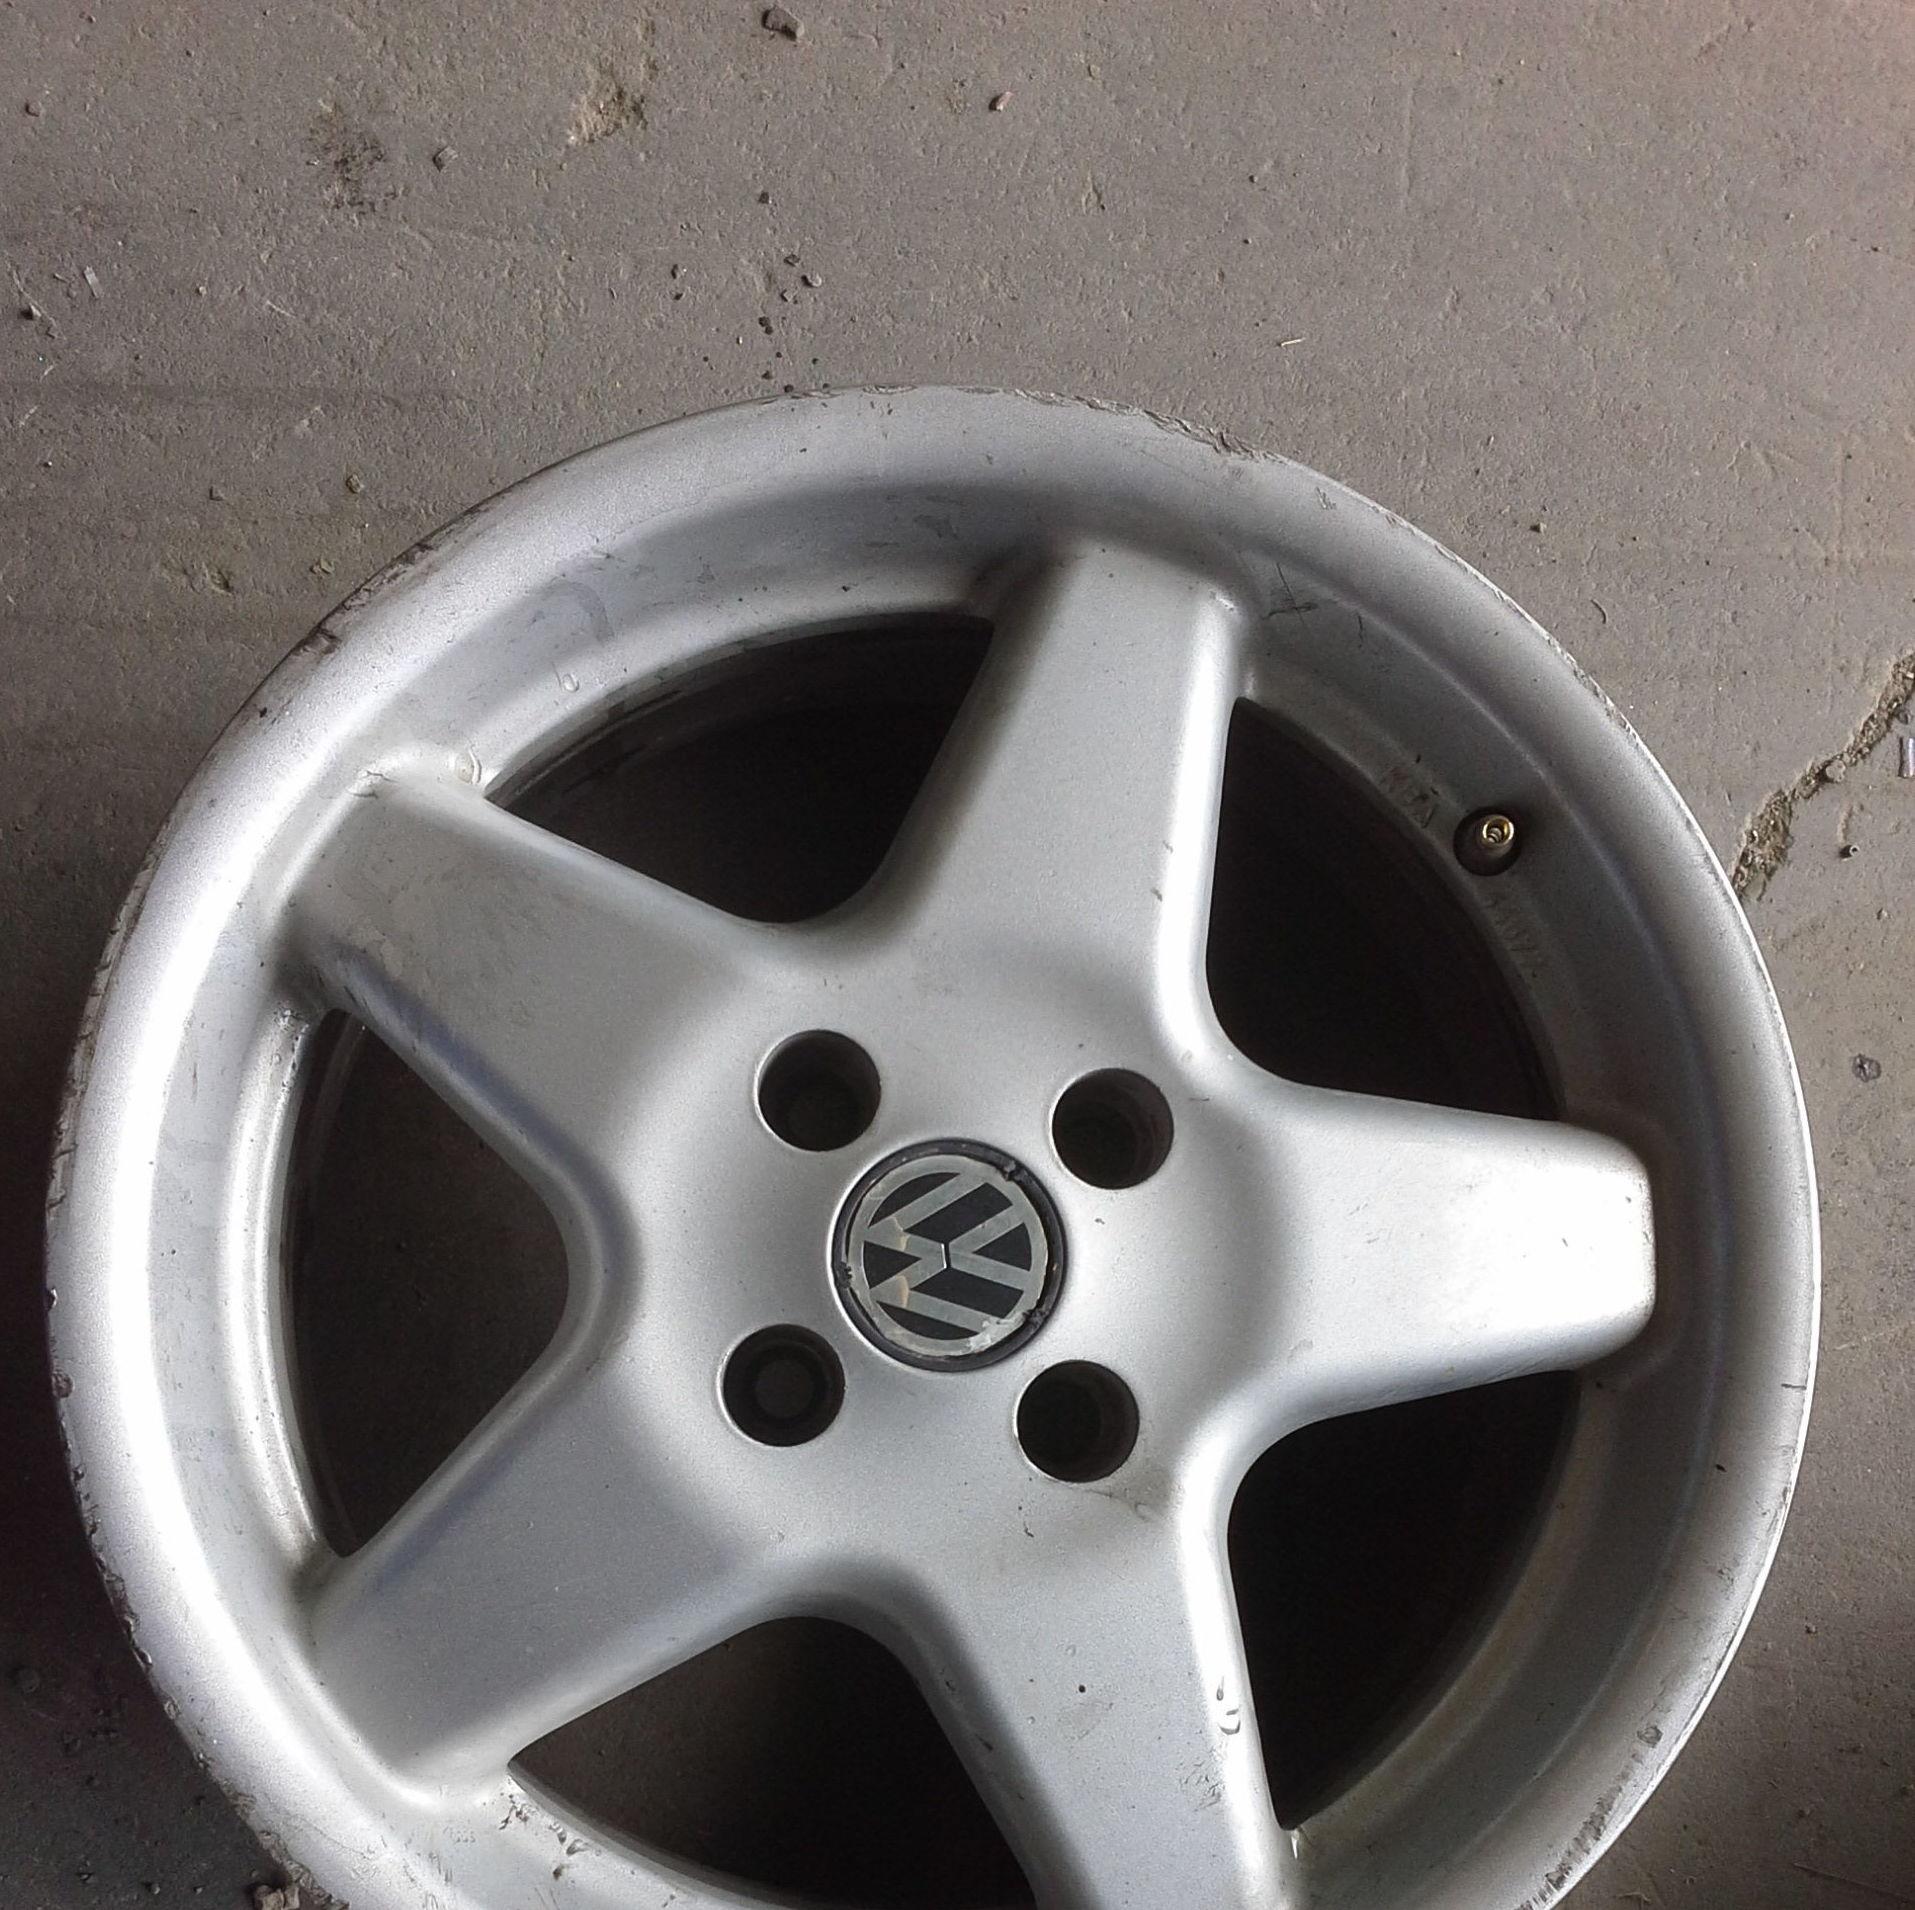 juego de llantas de Volkswagen en R 15 de 4 tornillos